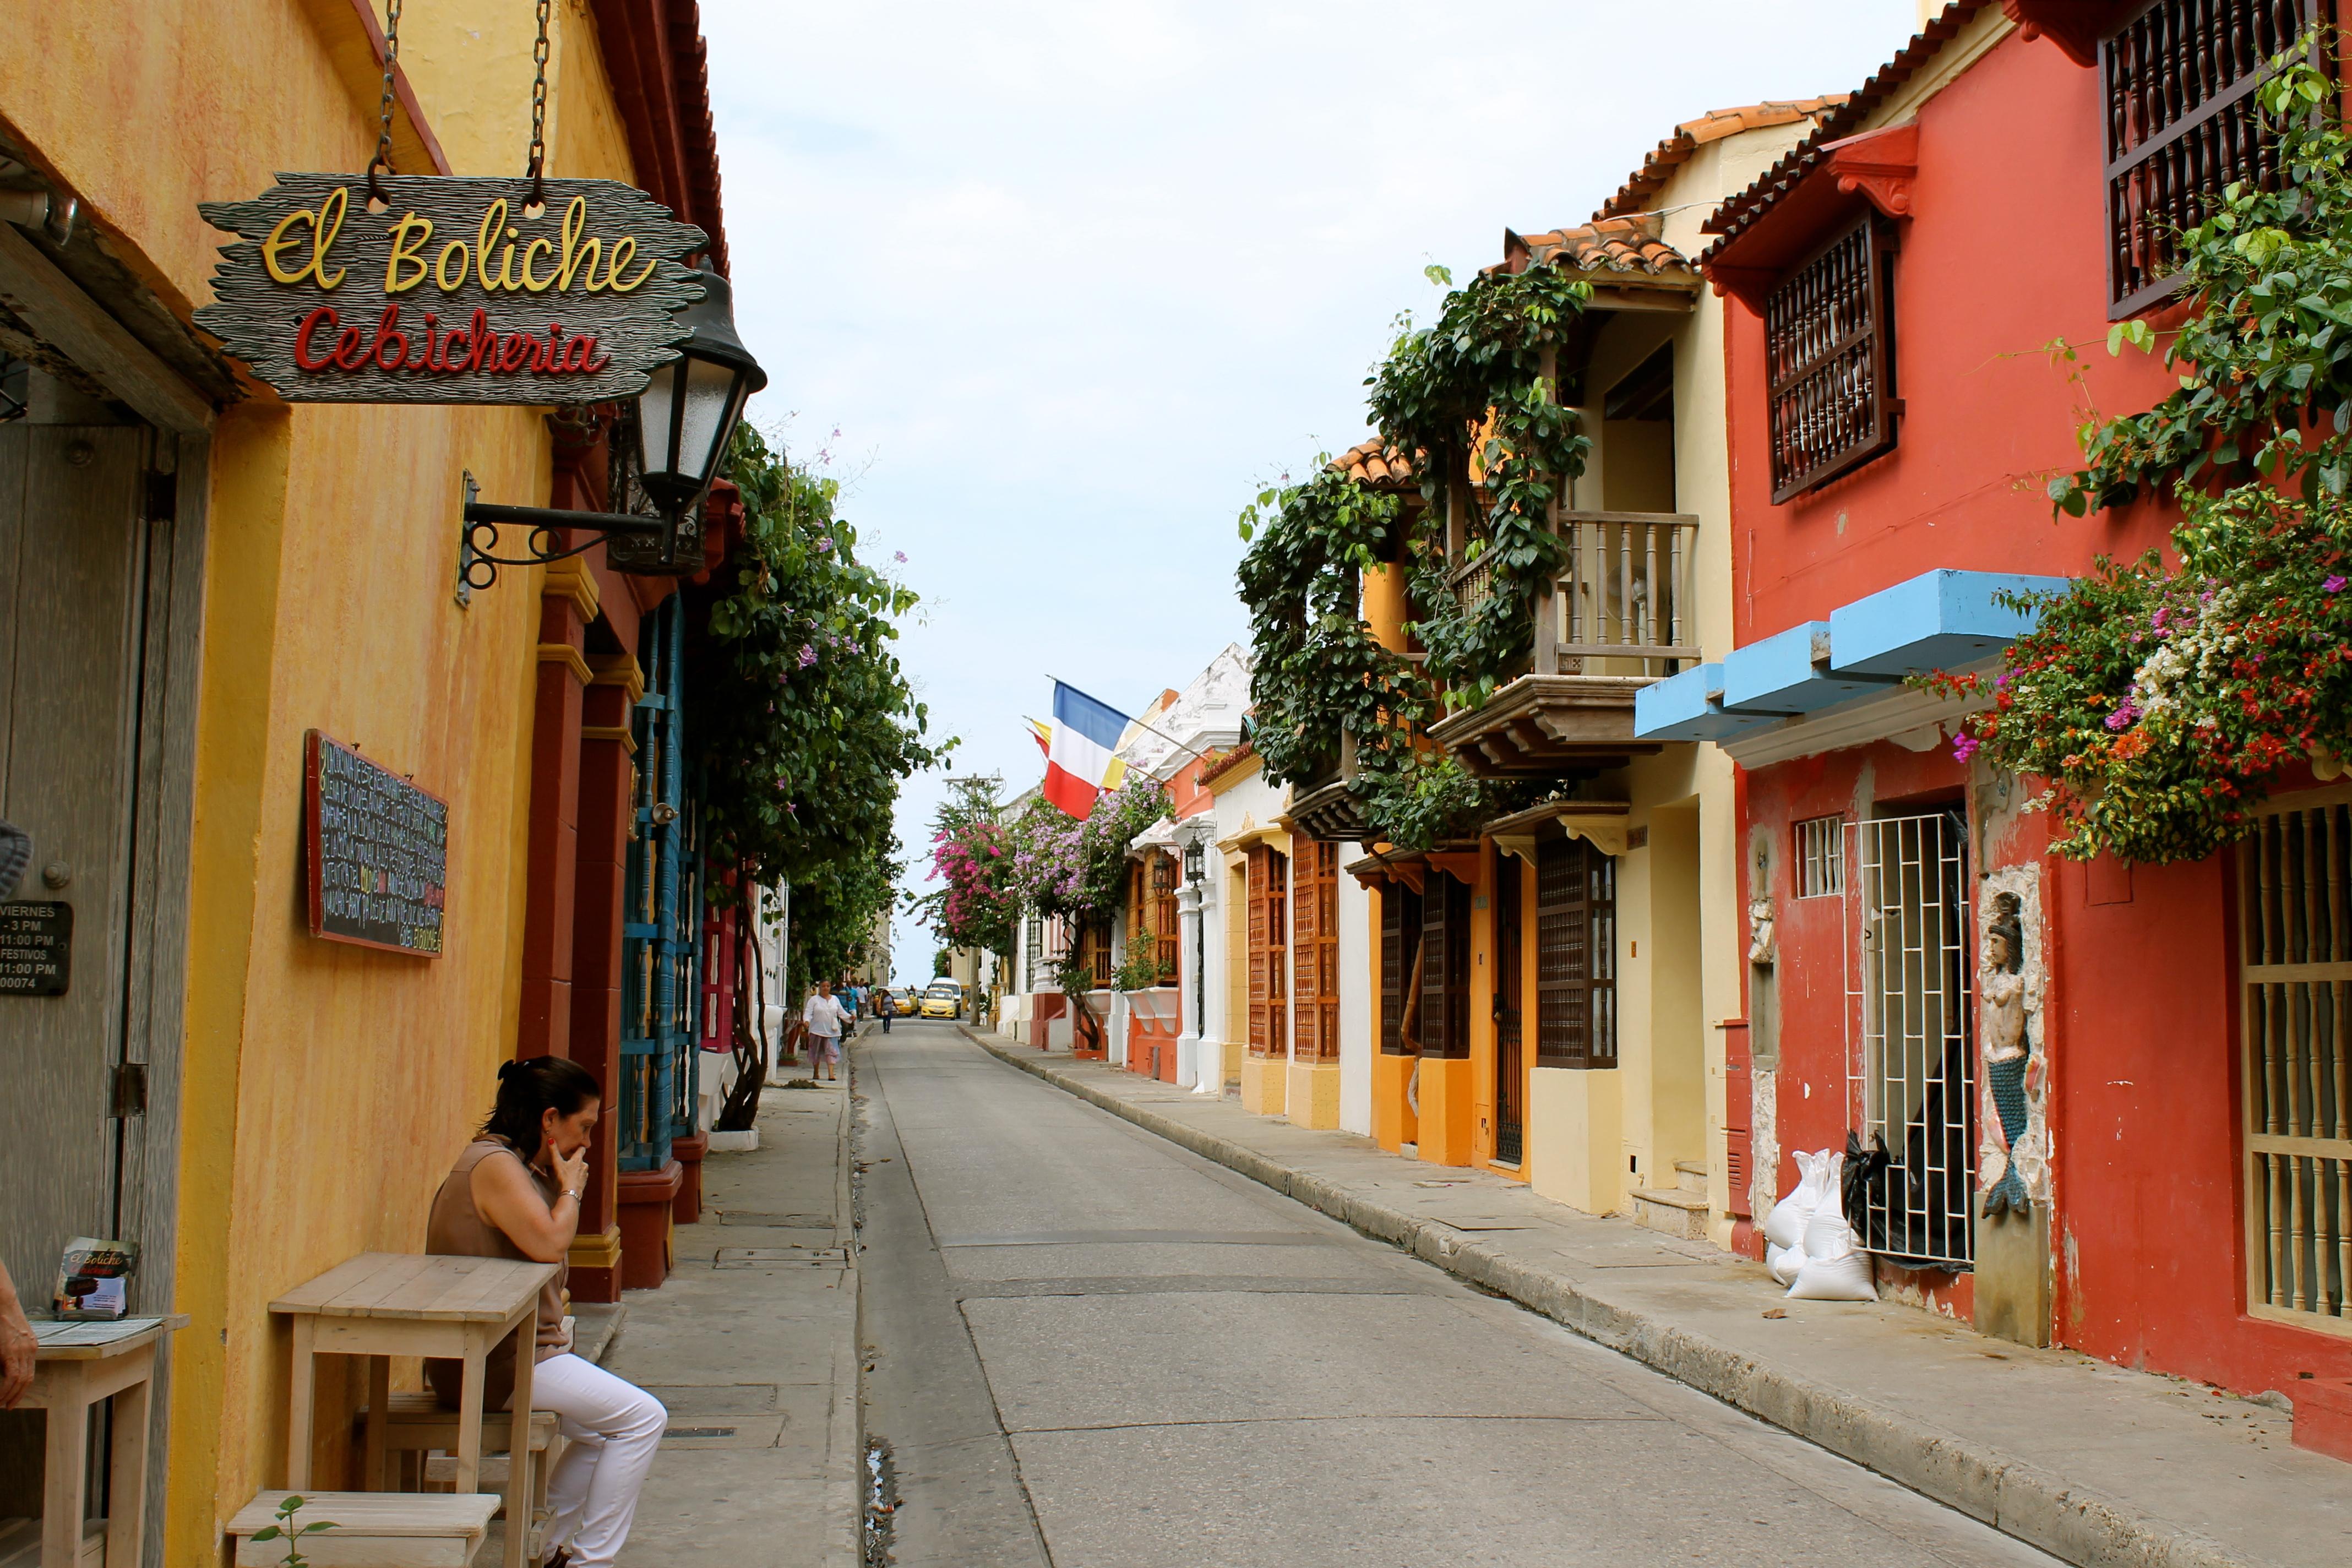 The lane where El Boliche cevicheria is located.